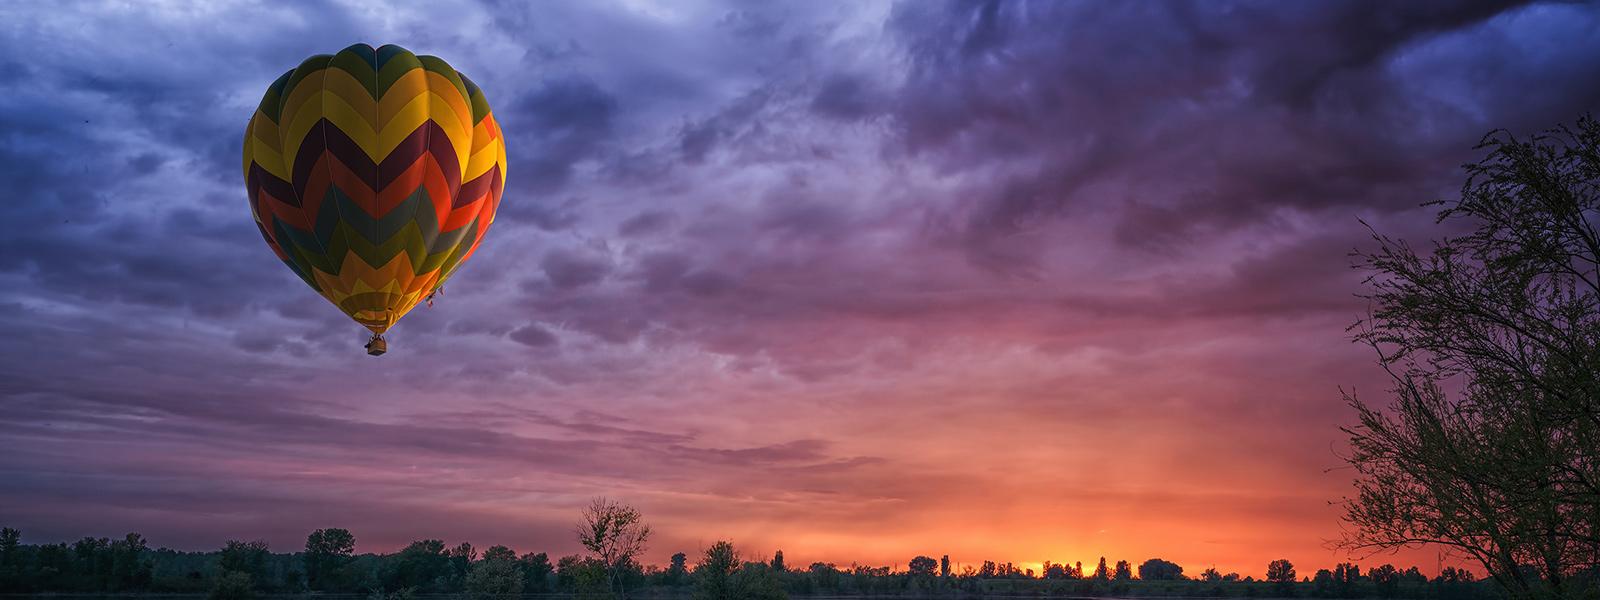 Microsoft Surface Studio zeigt Bild eines Heißluftballons vor strahlendem Himmel im sRGB-Farbmodus.